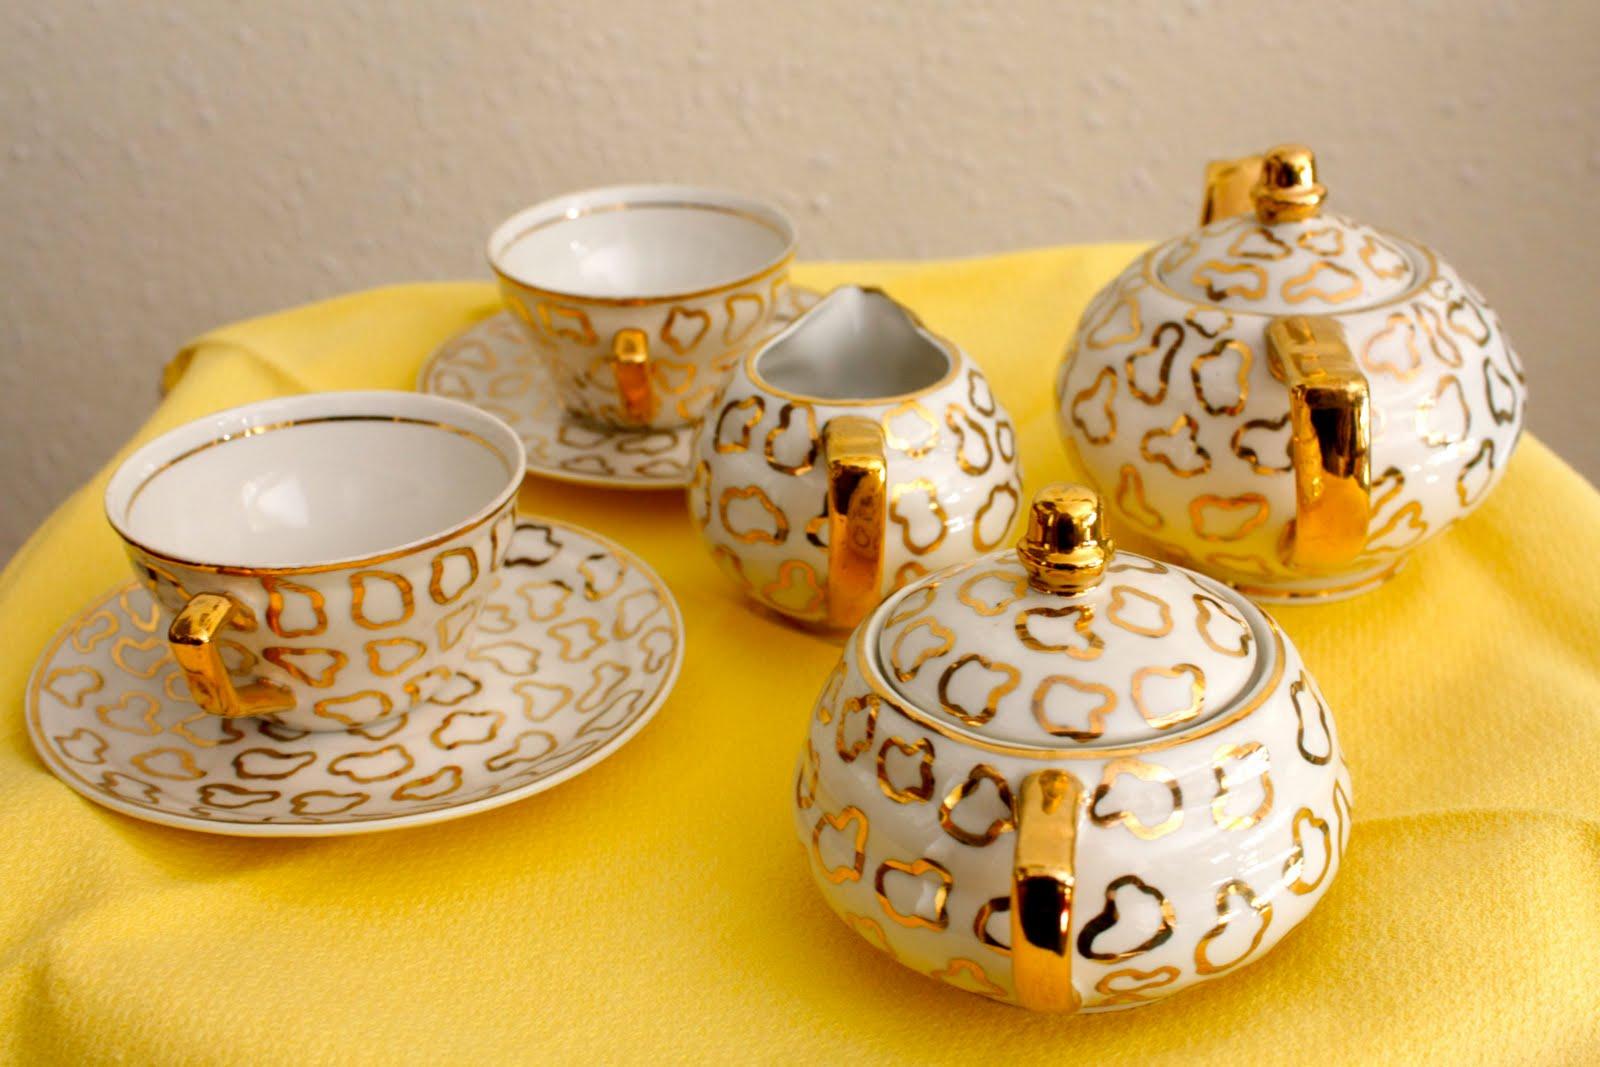 Diferentes usos para las tazas de t decoraci n retro for Juego de tazas de te